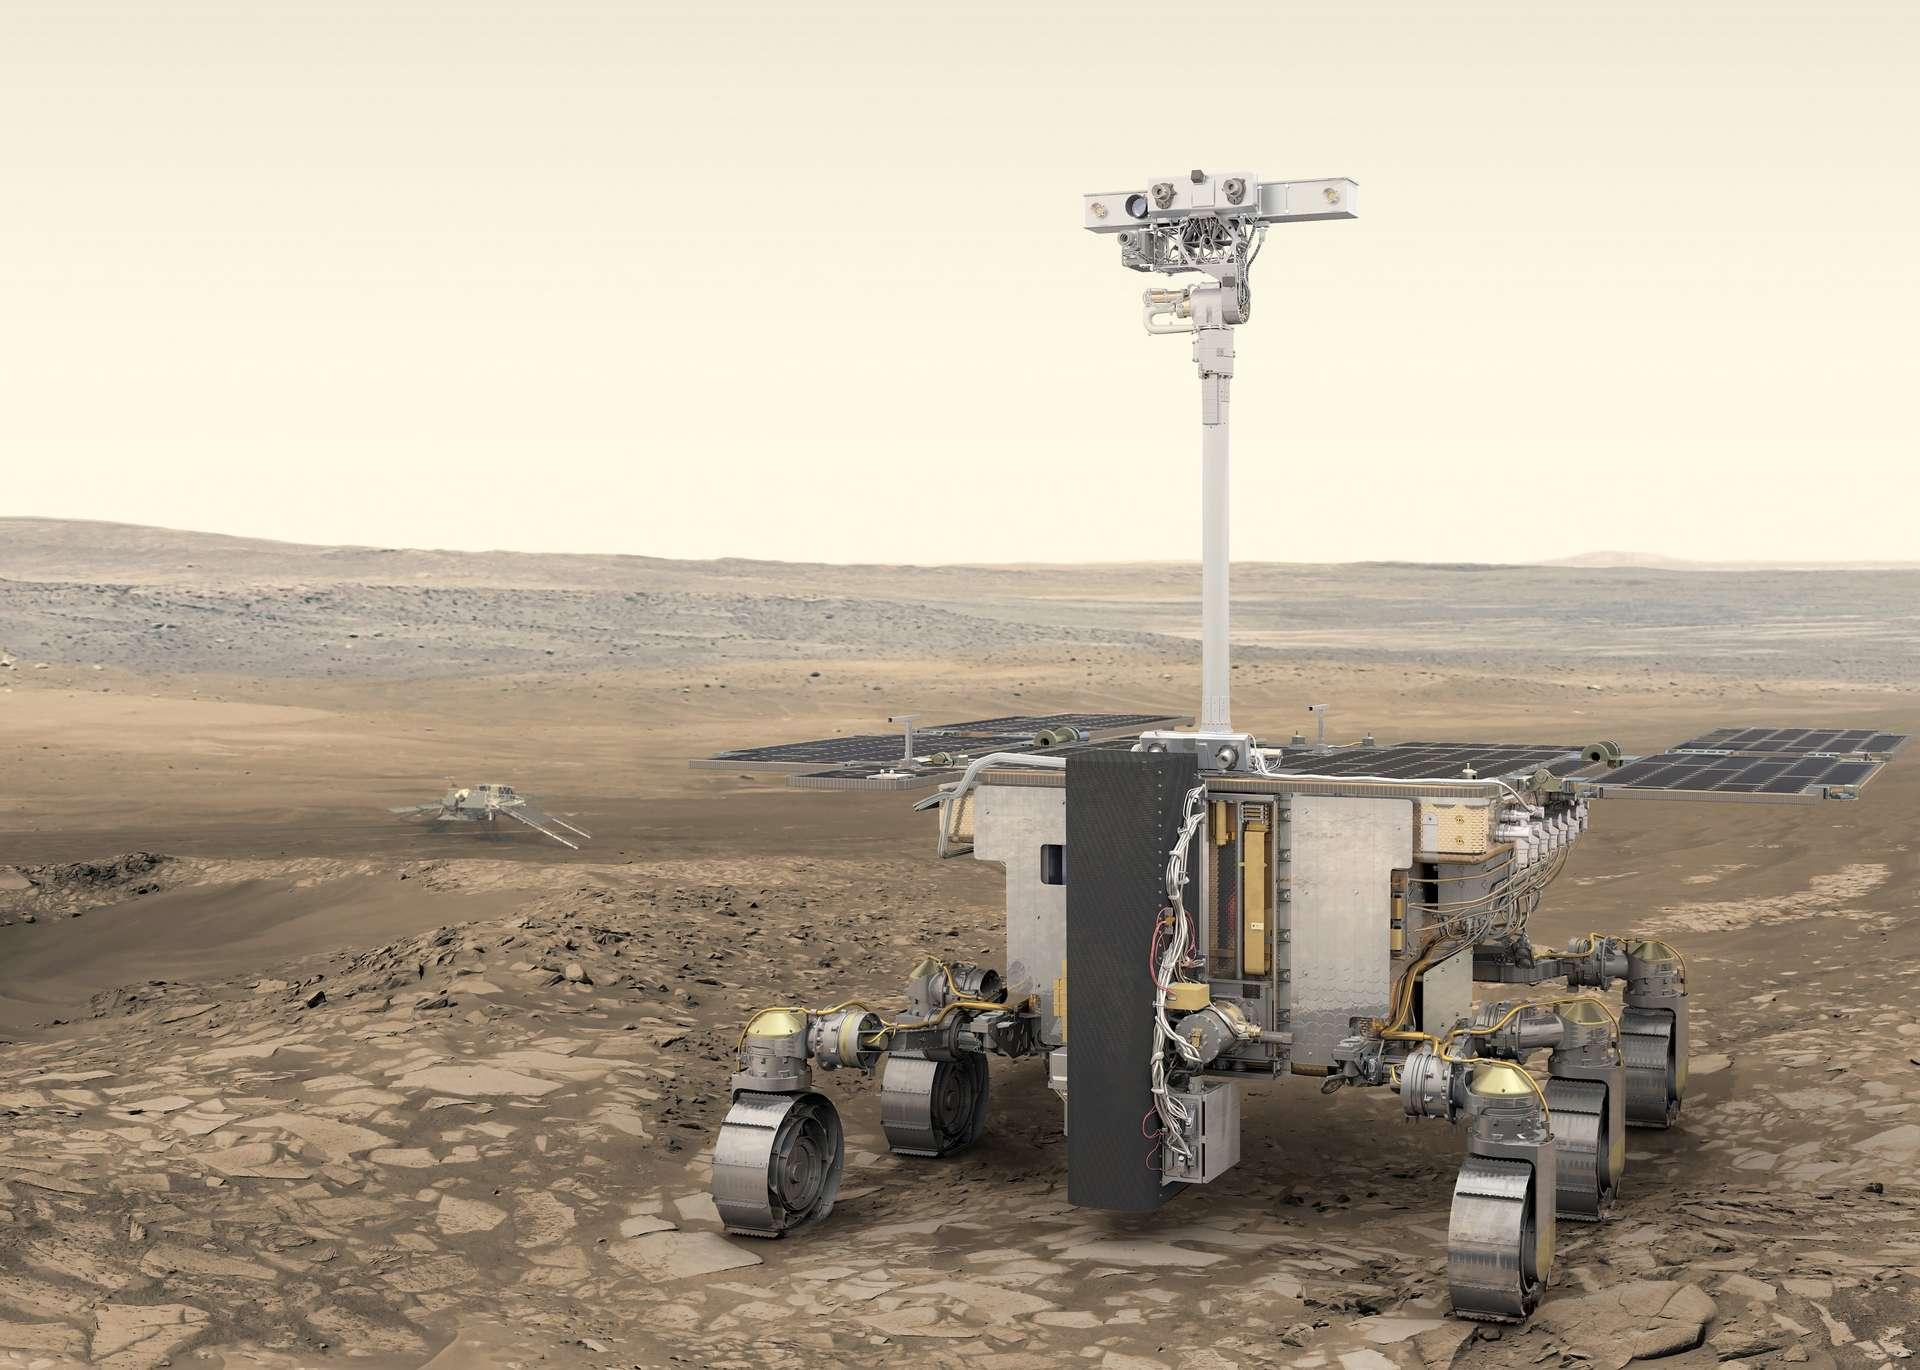 Le rover de la mission ExoMars s'appelle désormais Rosaling Franklin. © ESA/ATG medialab